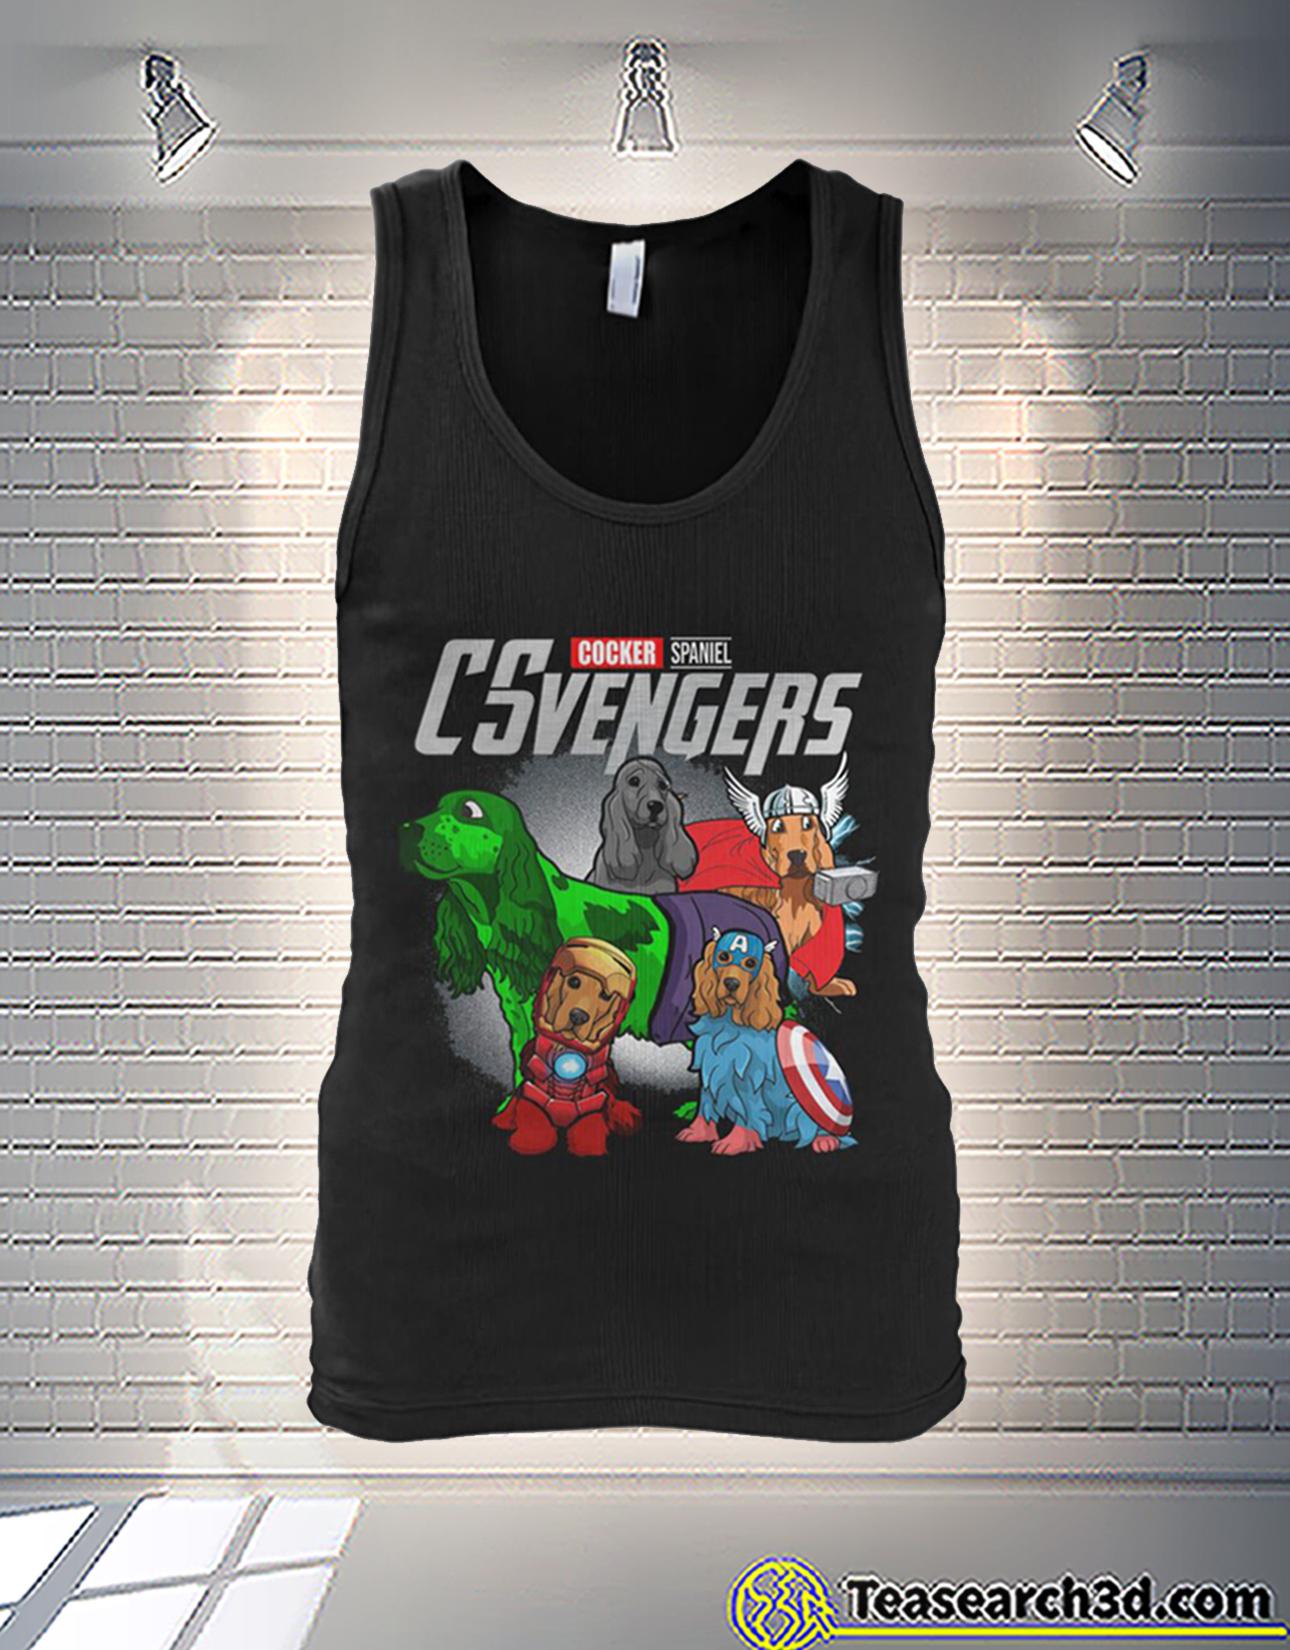 Cocker Spaniel csvengers avengers tank